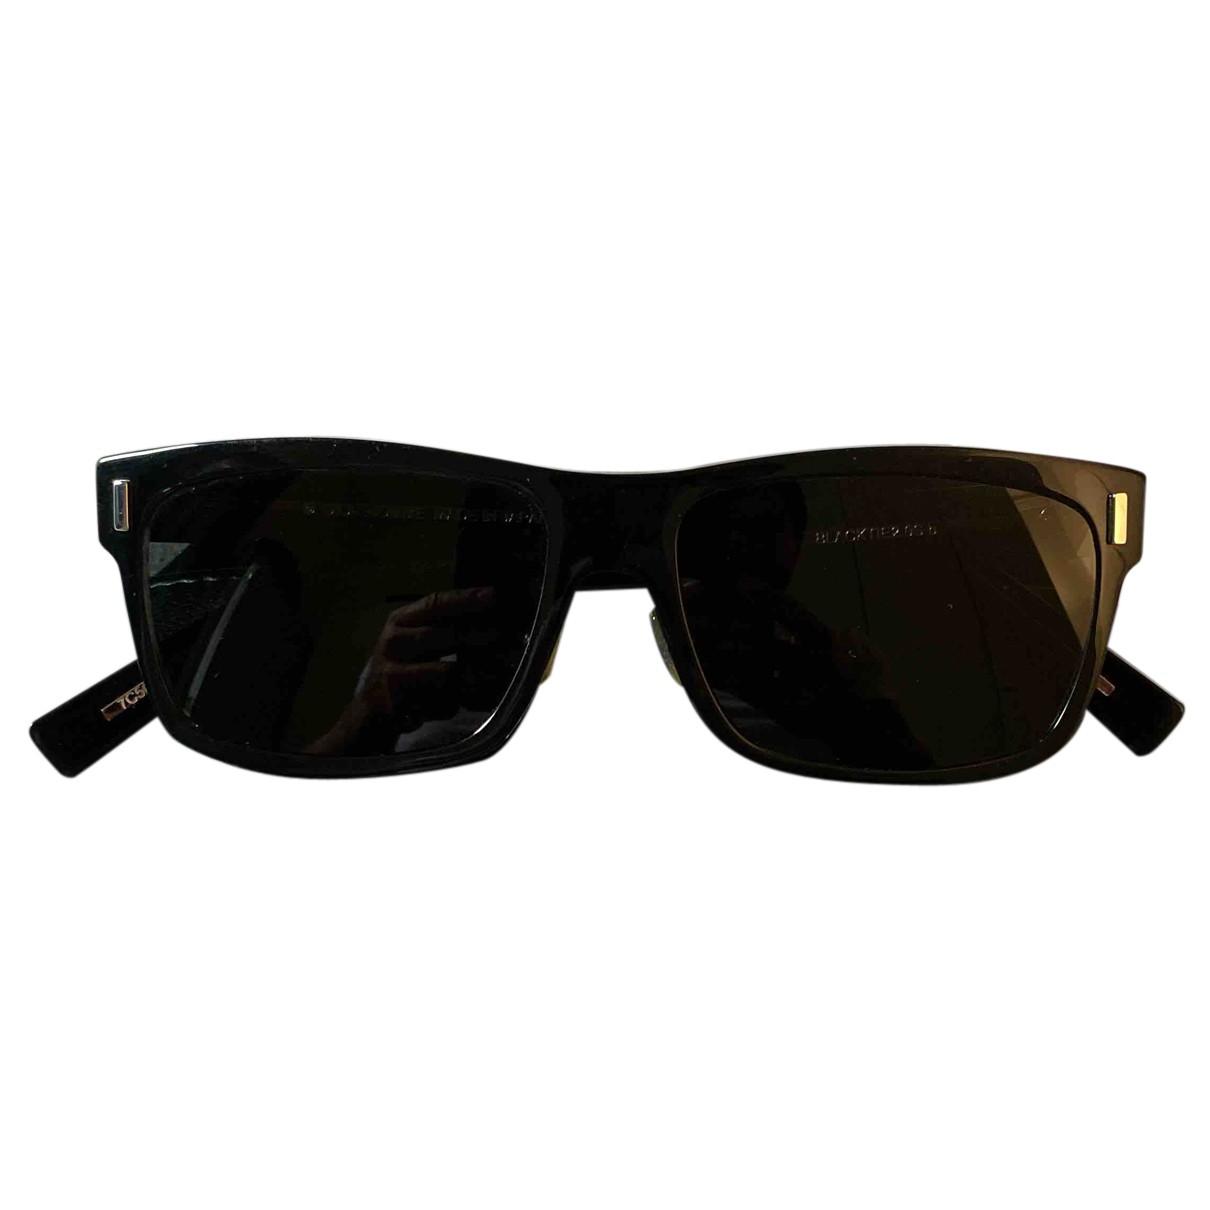 Dior Homme - Lunettes BLACK TIE 220S pour homme - noir